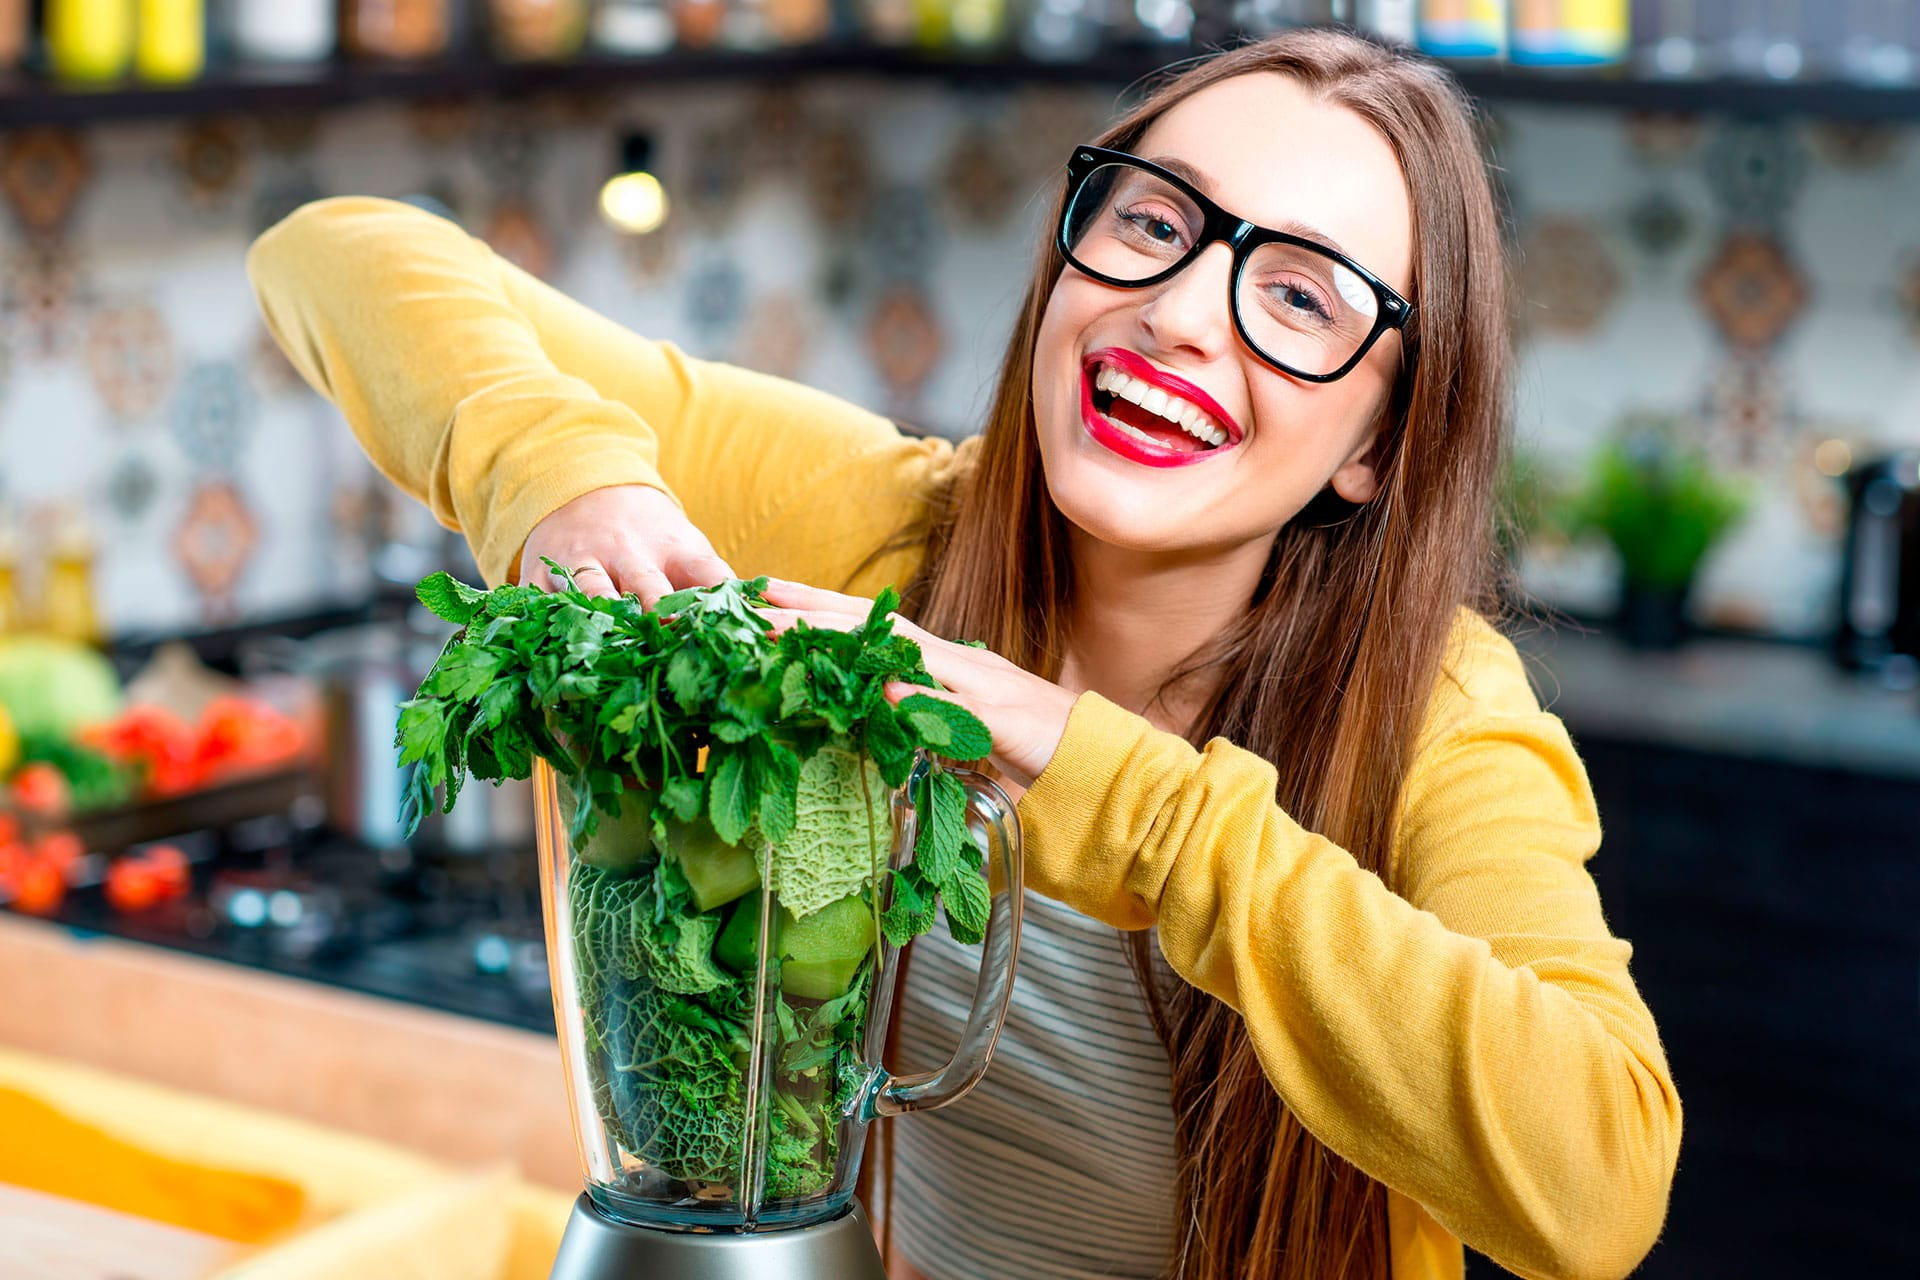 girl eating green food